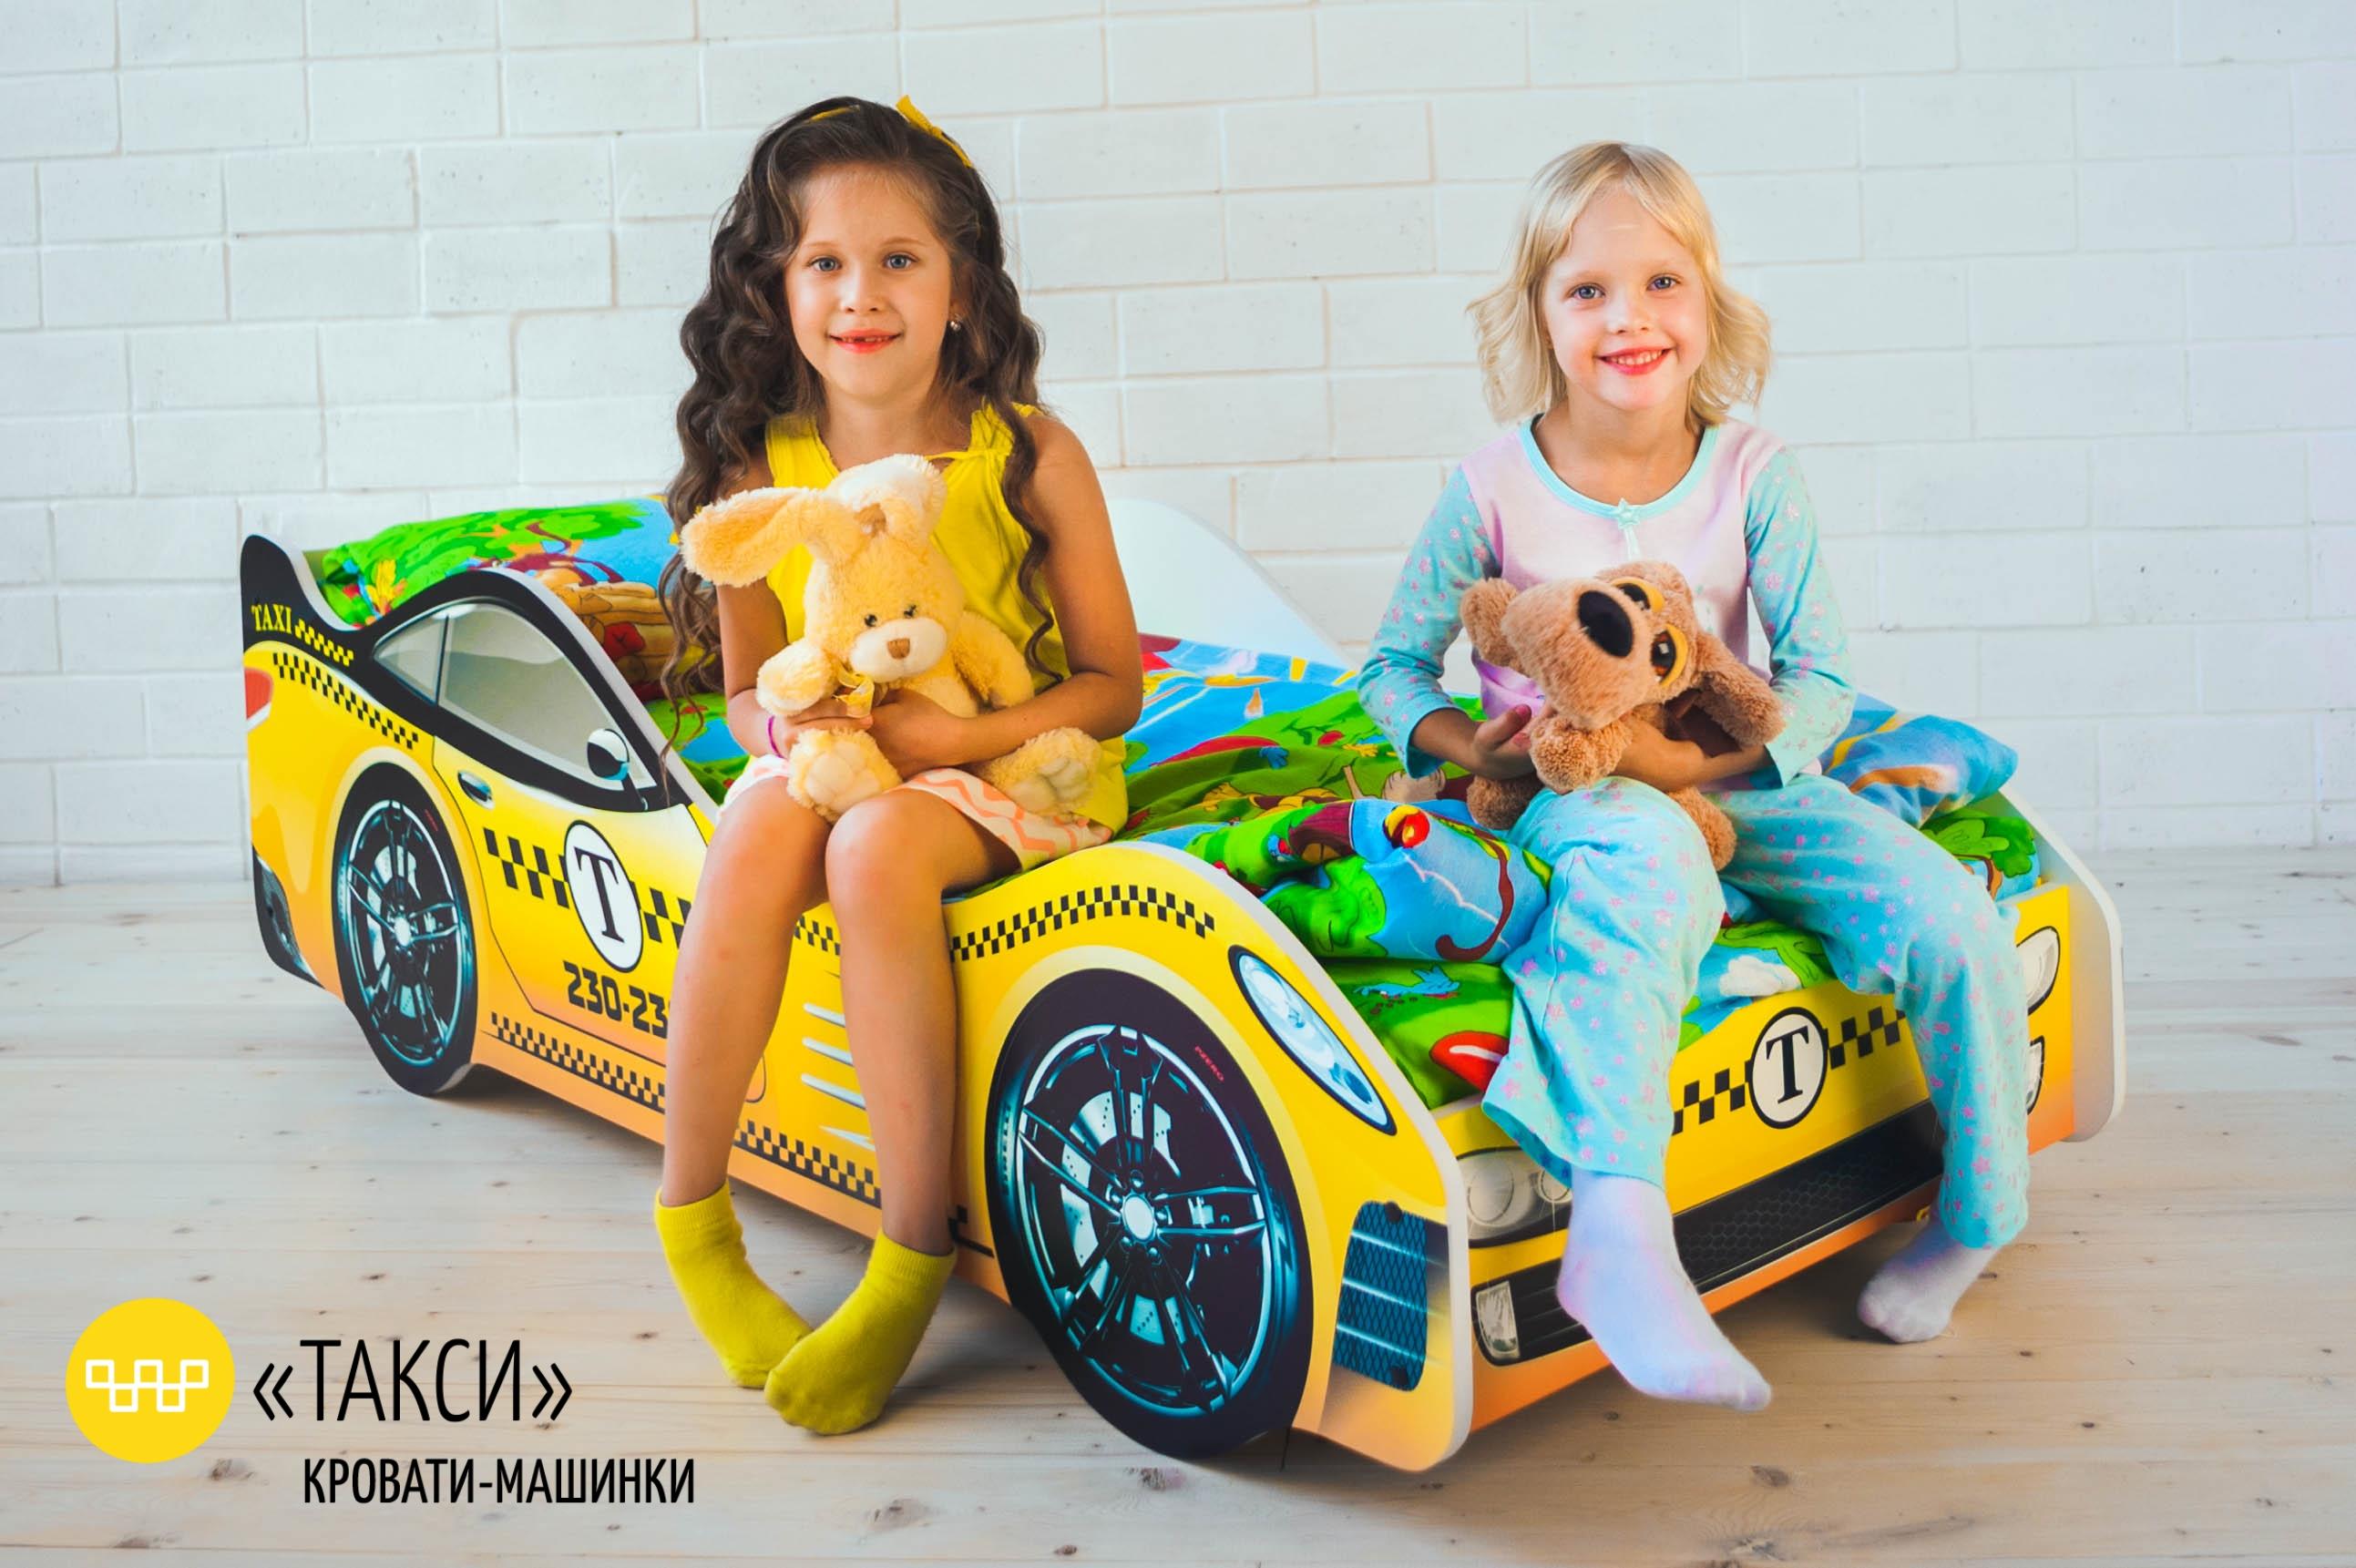 Детская кровать-машина -Такси-4